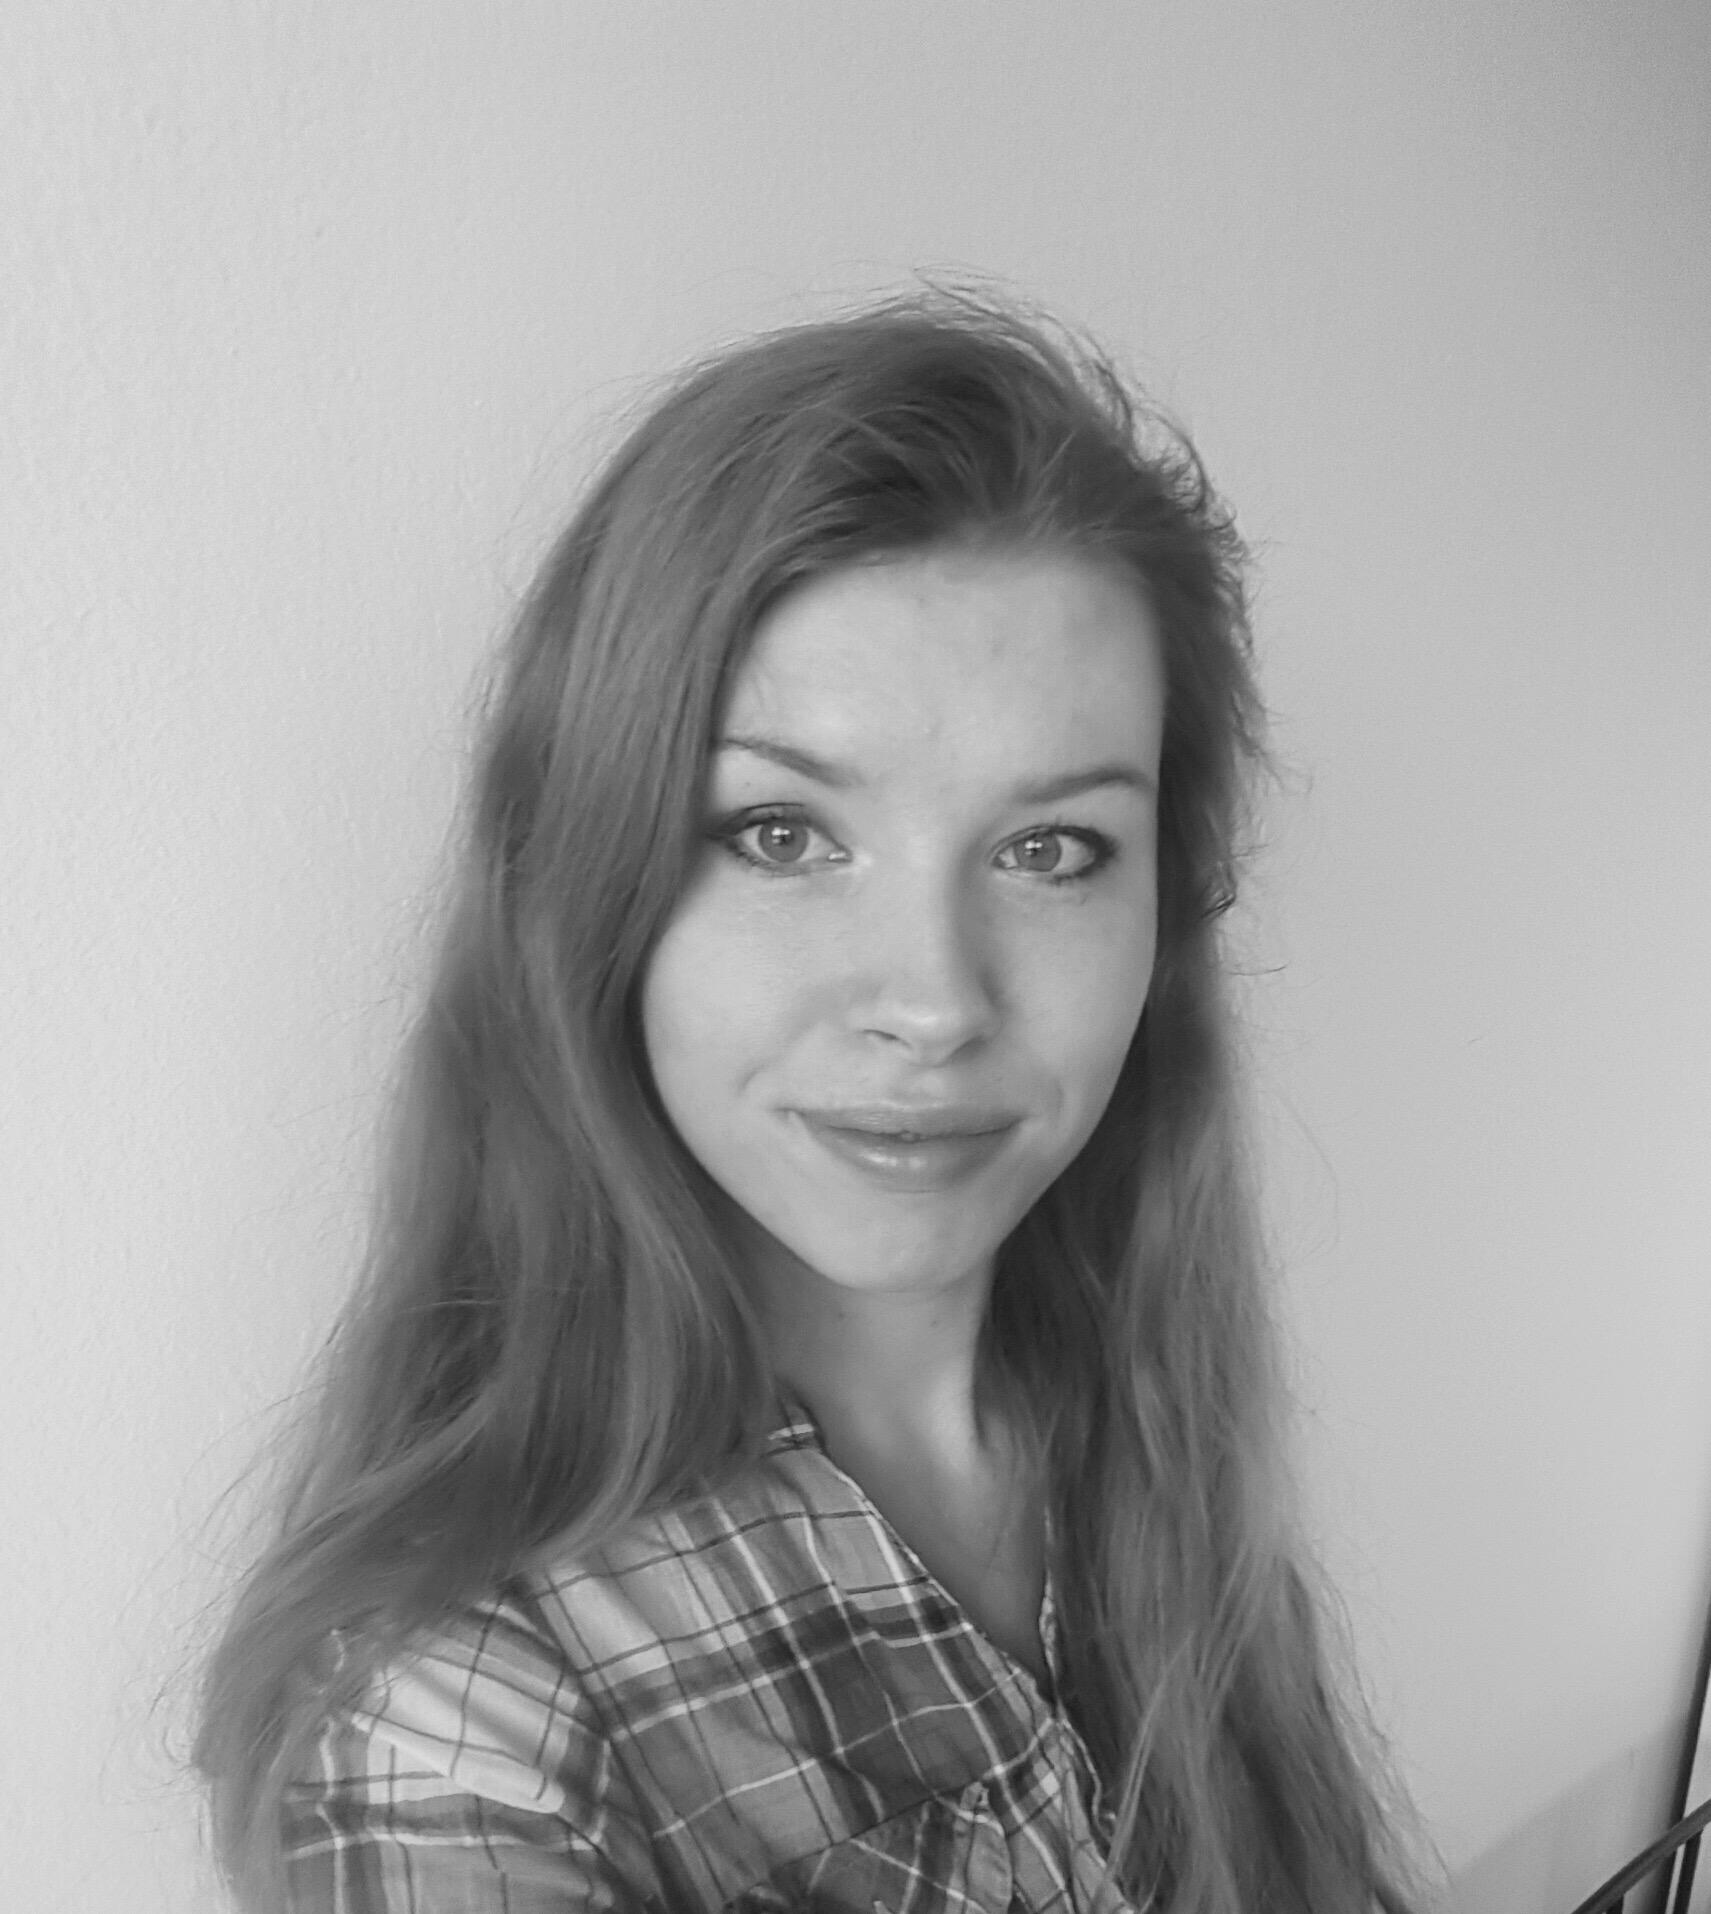 Karolina Lapinska